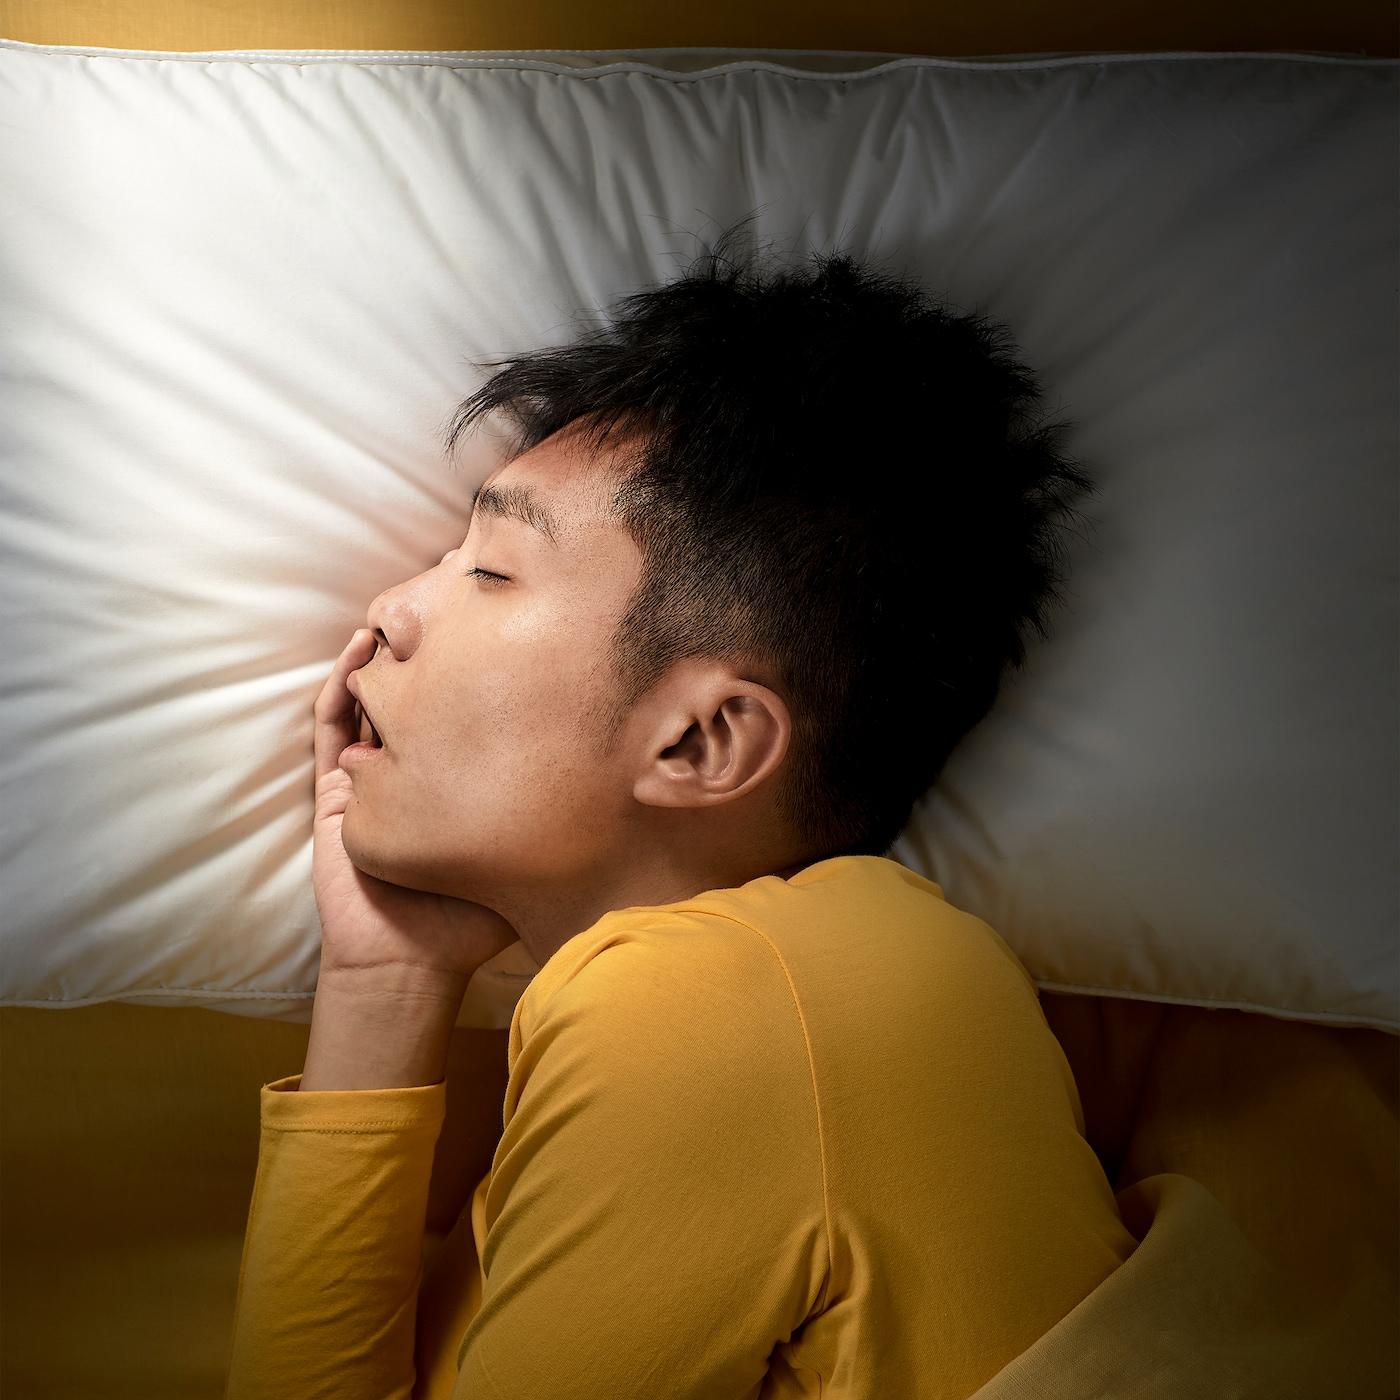 Un hombre joven duerme plácidamente de lado con una almohada ergonómica IKEA PRAKTVÄDD.